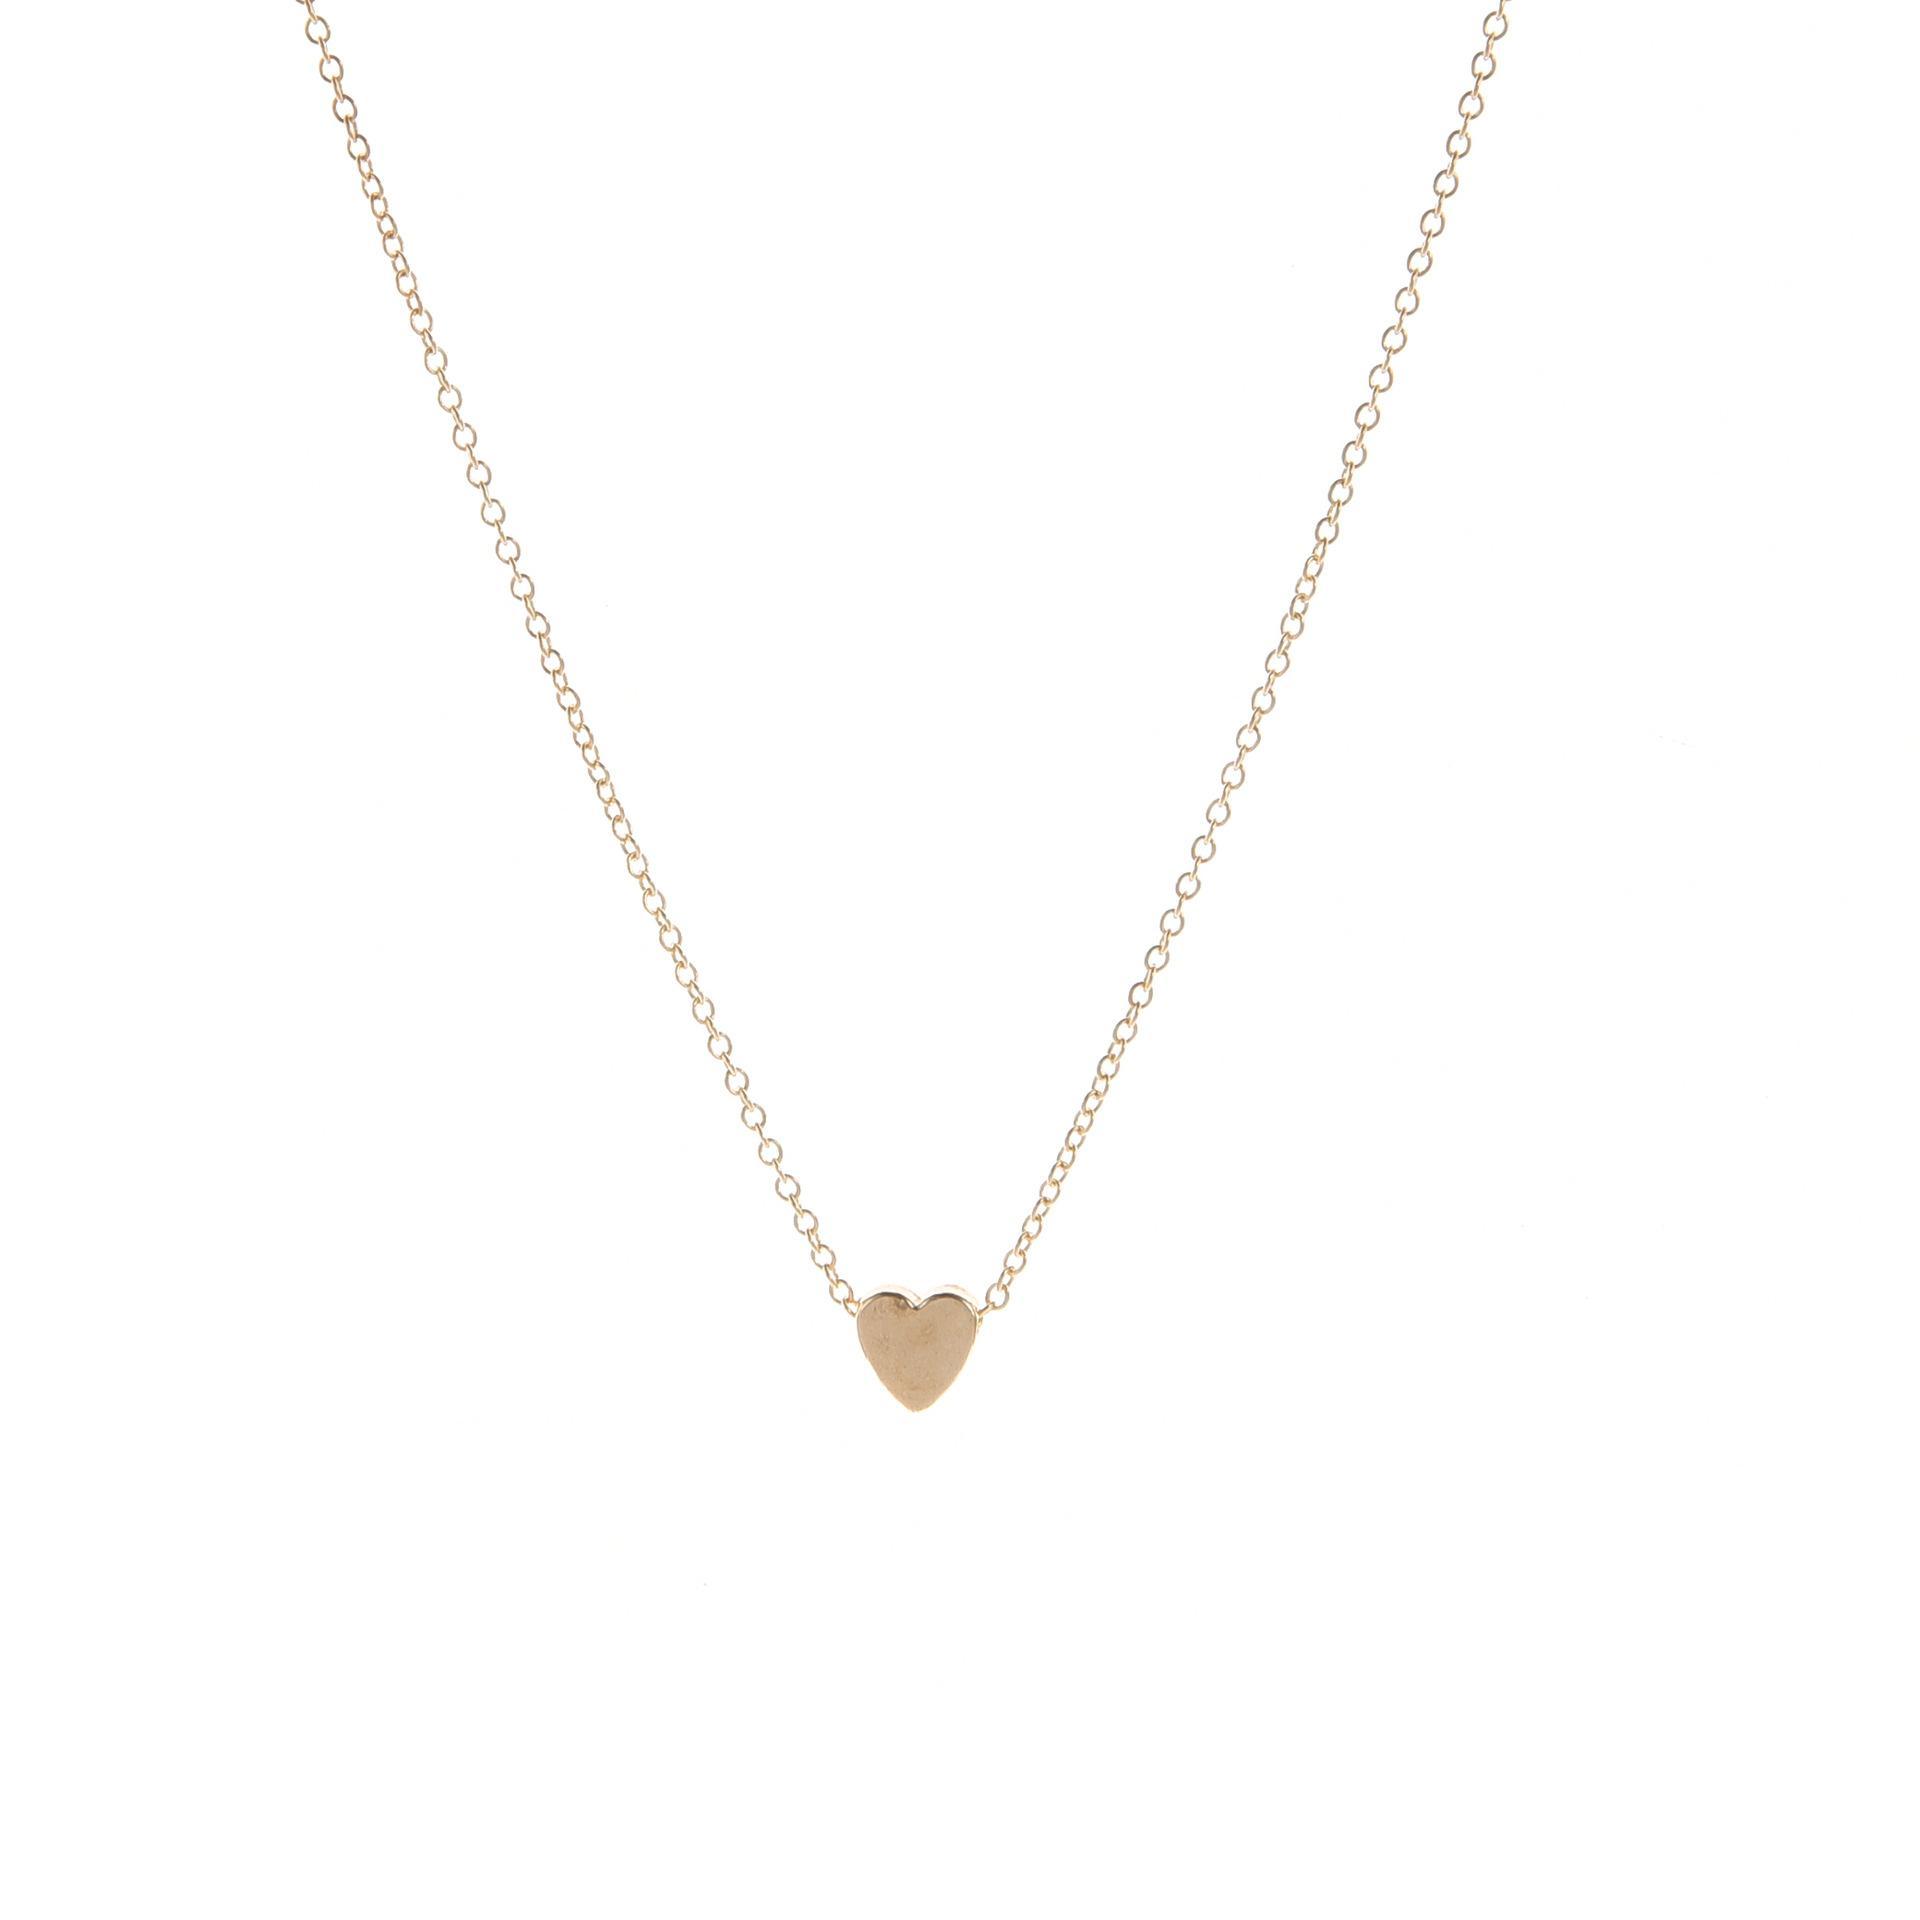 Moda Amor pequeno Clavícula Coração Cadeia Pingente Jóias Moda Personalidade ouro colar de pingente de prata para Mulheres Jóias do presente do amor